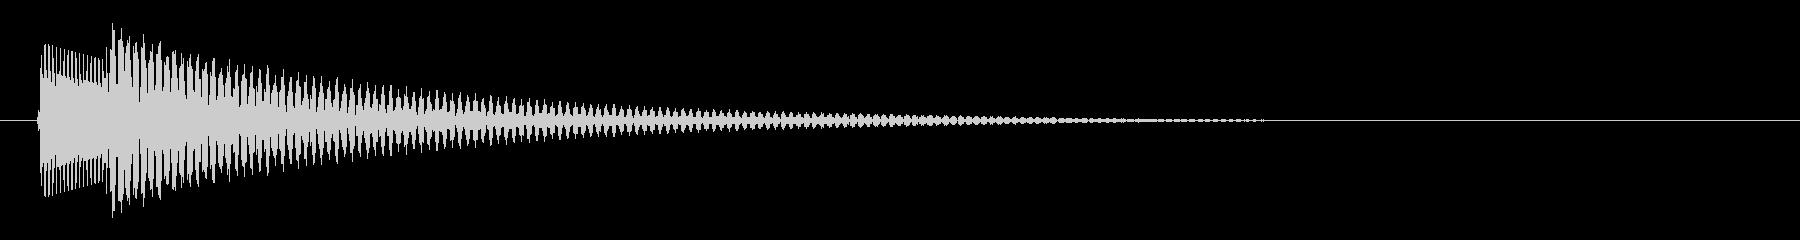 KANT柔らかアイキャッチ01024の未再生の波形